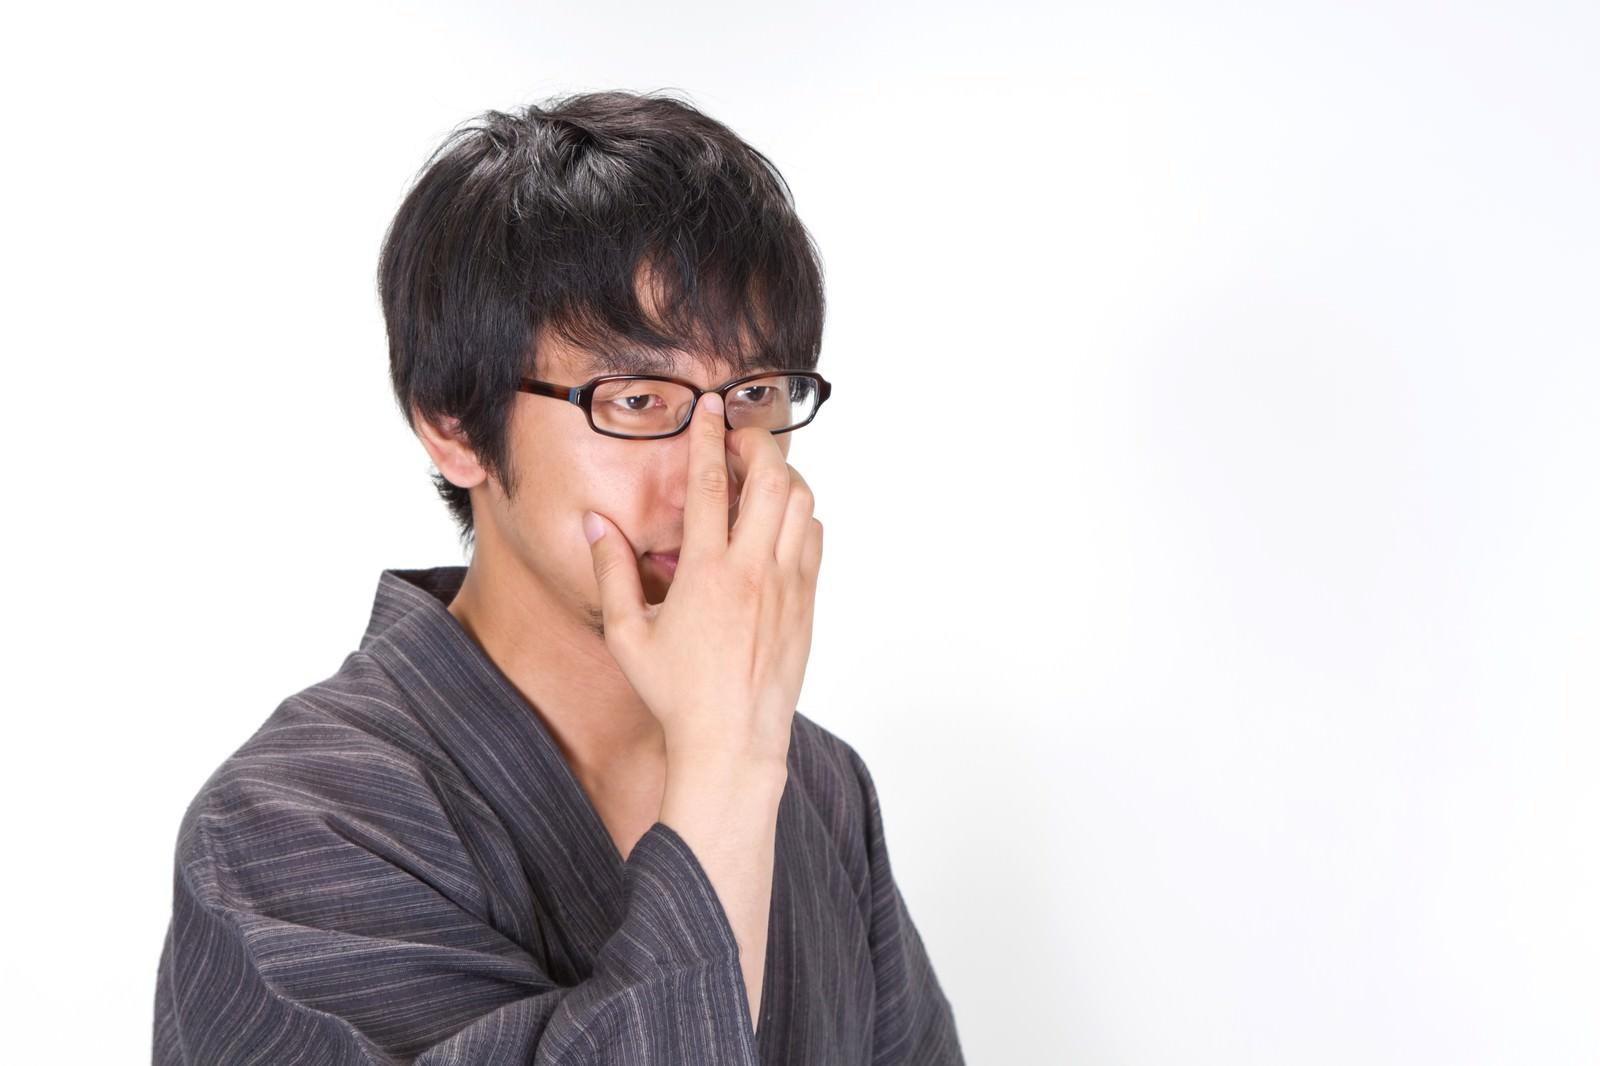 「眼鏡を直すプロ棋士のような浴衣男子」の写真[モデル:大川竜弥]